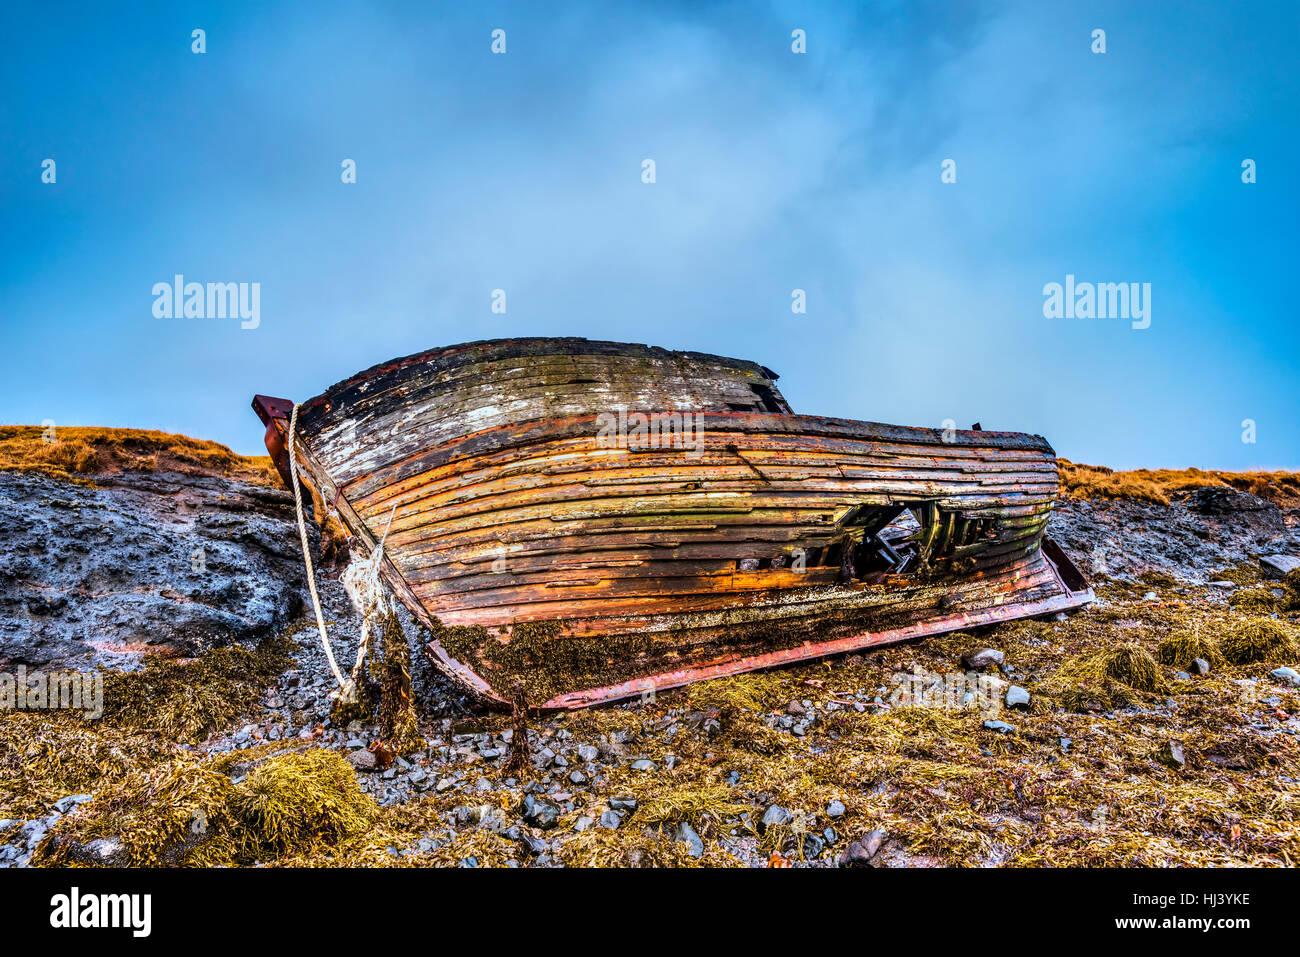 Un vecchio abbandonato nave da pesca dai primi del novecento si appoggia su una spiaggia remota come La vendetta Immagini Stock